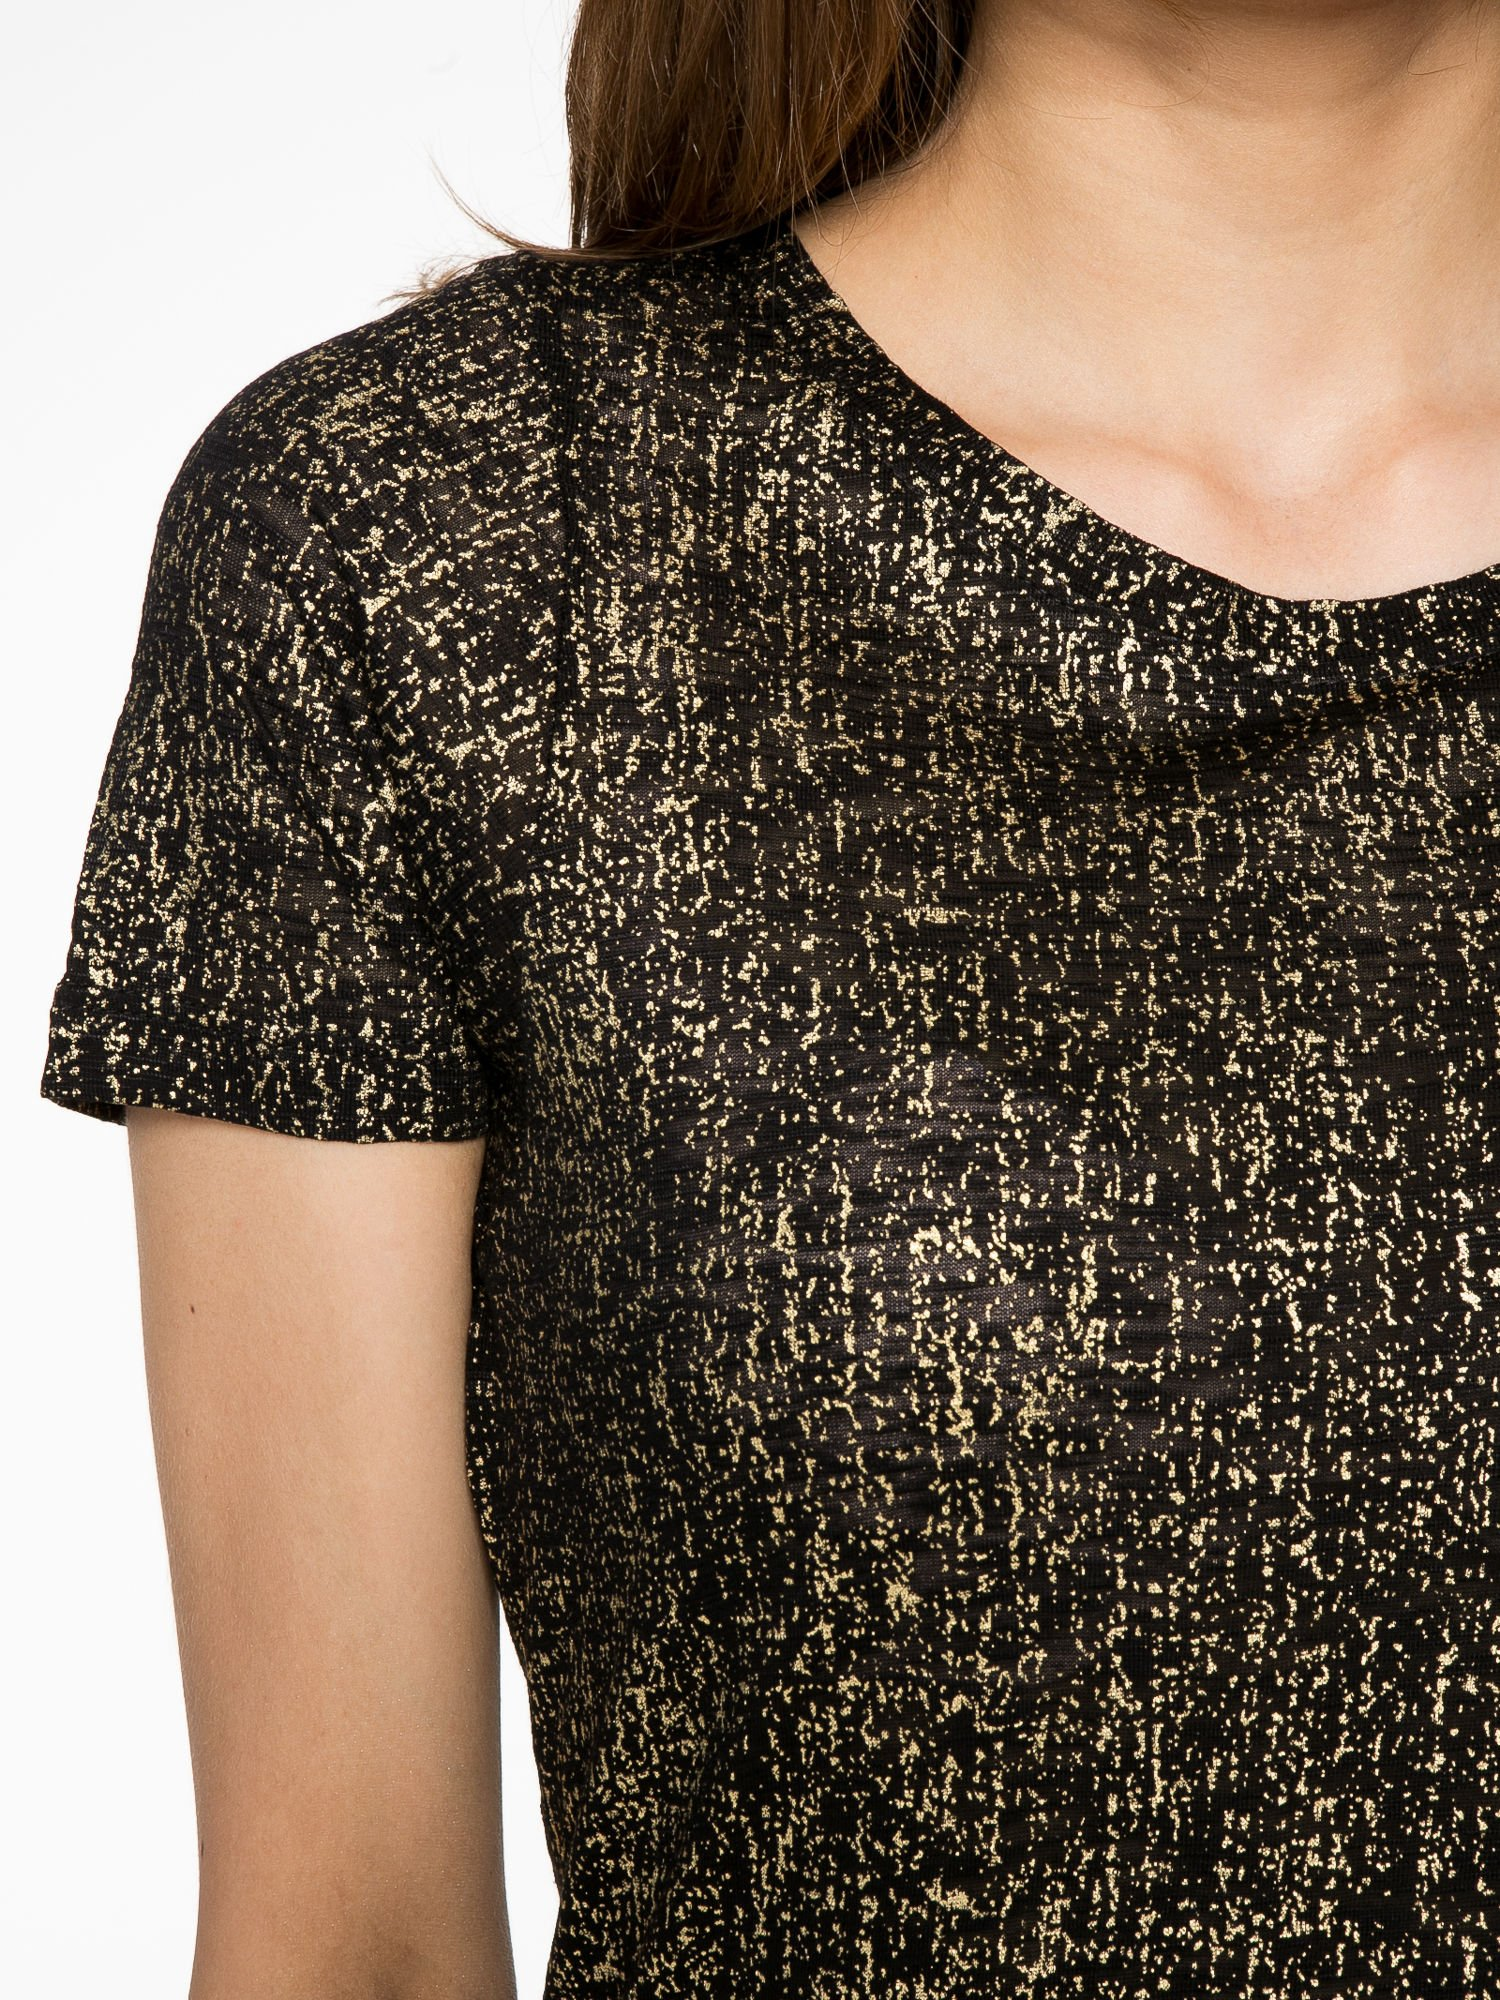 Czarny t shirt w złote plamki T shirt jednokolorowy